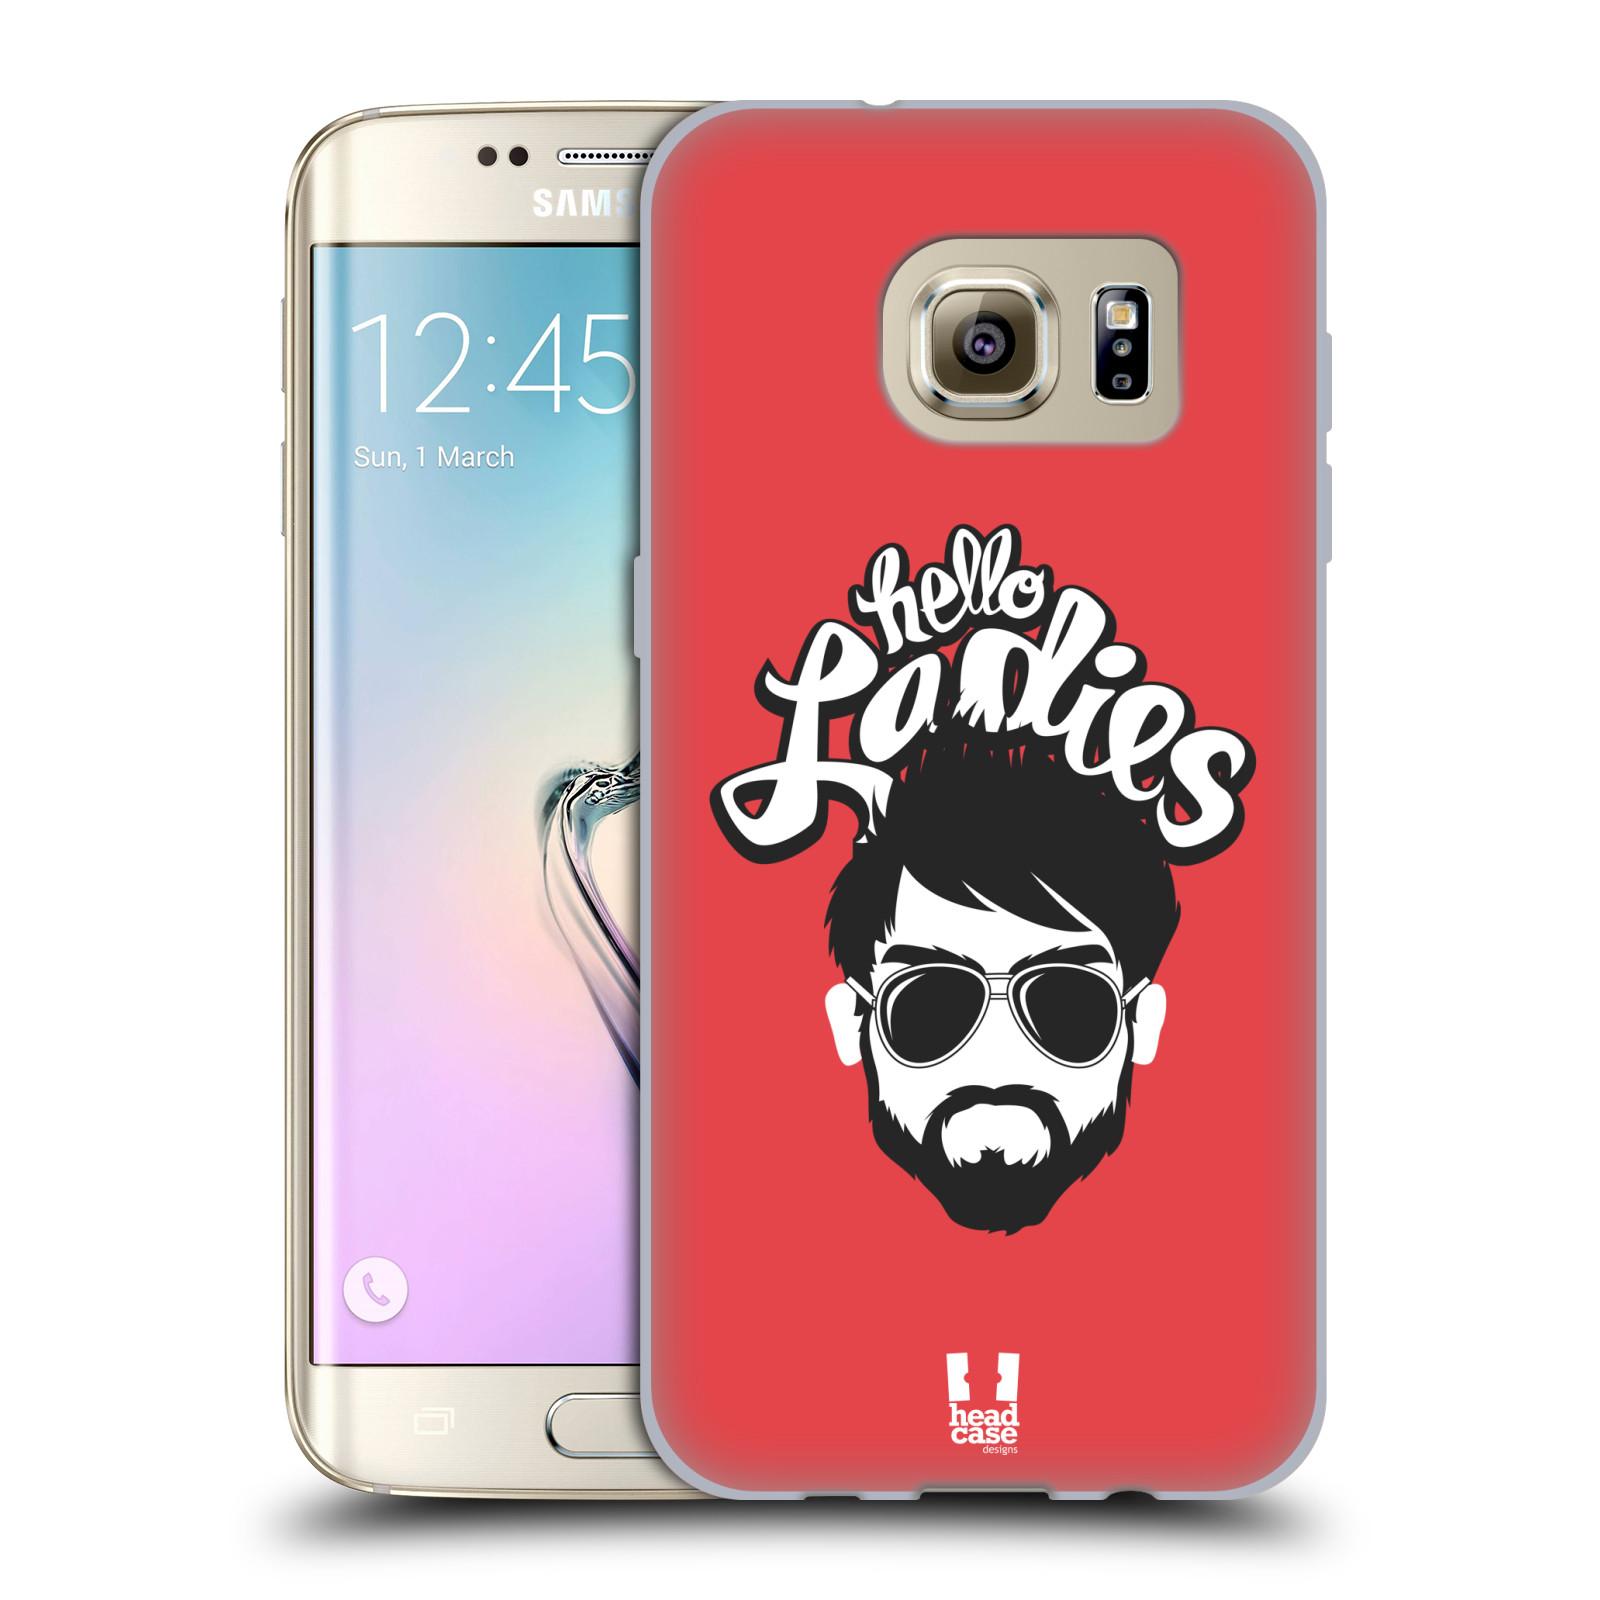 Silikonové pouzdro na mobil Samsung Galaxy S7 Edge HEAD CASE KNÍRAČ HELLO LADIES (Silikonový kryt či obal na mobilní telefon Samsung Galaxy S7 Edge SM-G935F)